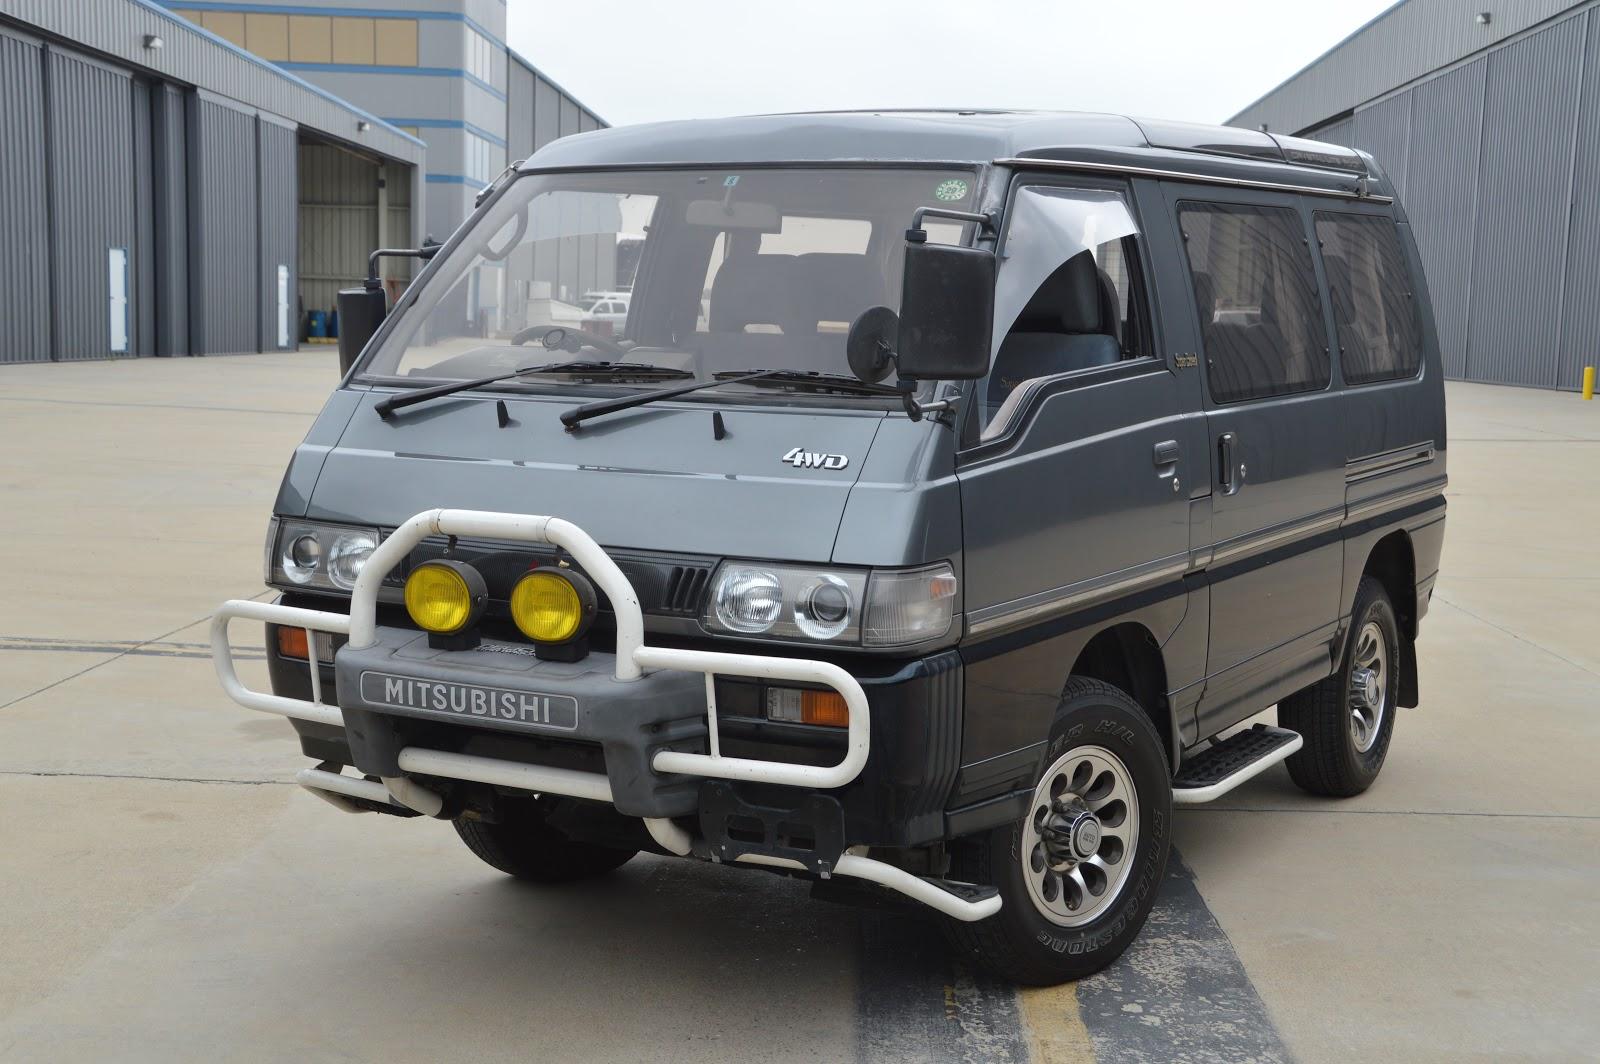 8a667dbb37 Mitsubishi Delica Buyers Guide